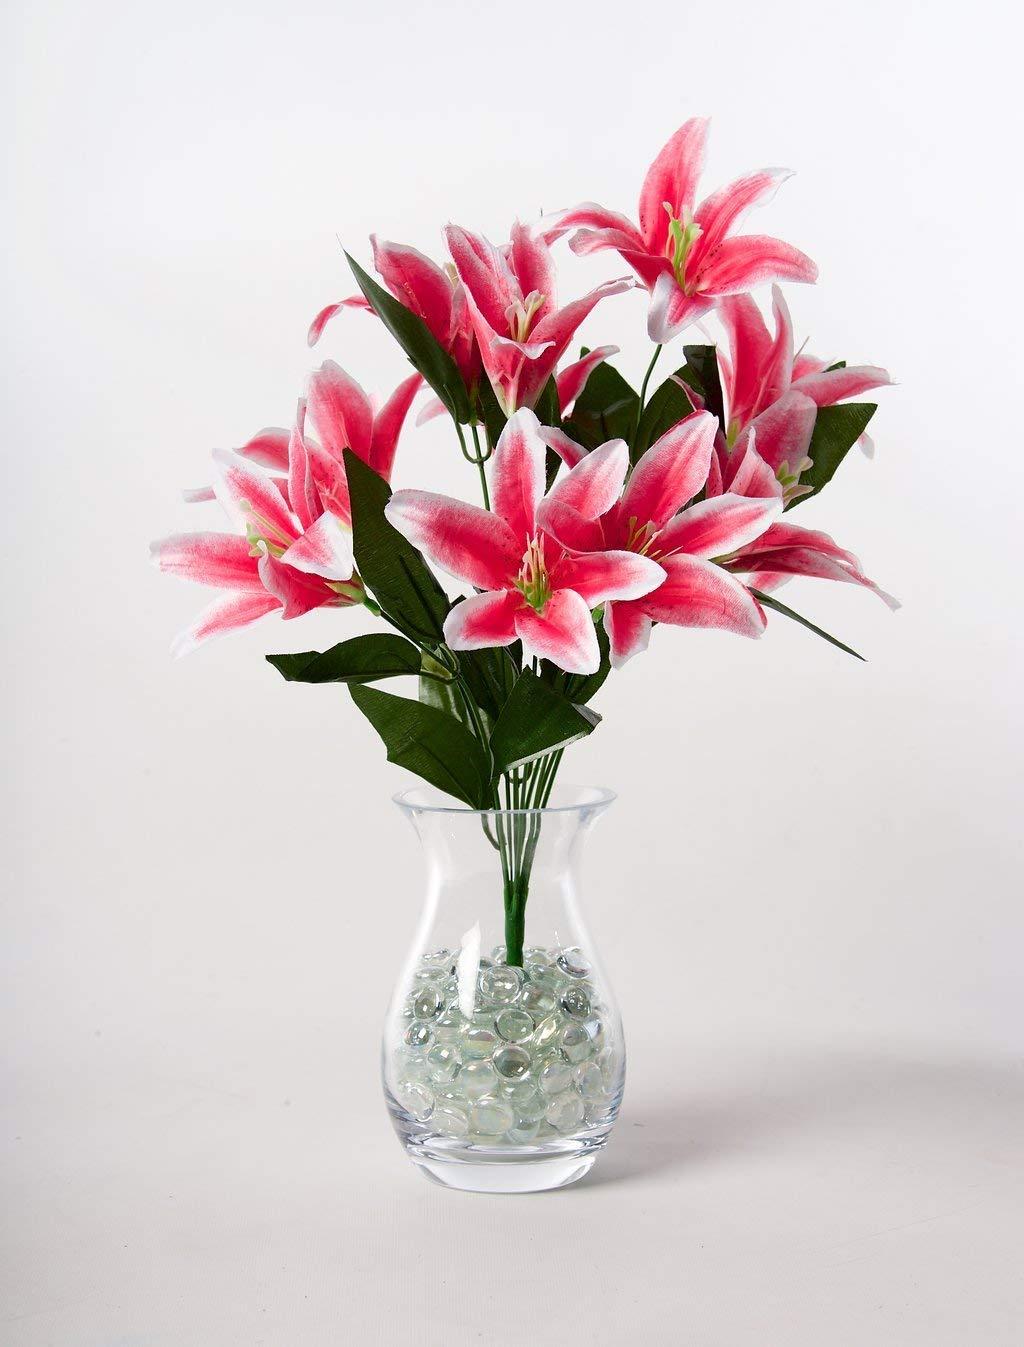 silk flower arrangements maylife 45cm stargazer lillies 10 head flower lily spray bunch (dark pink)